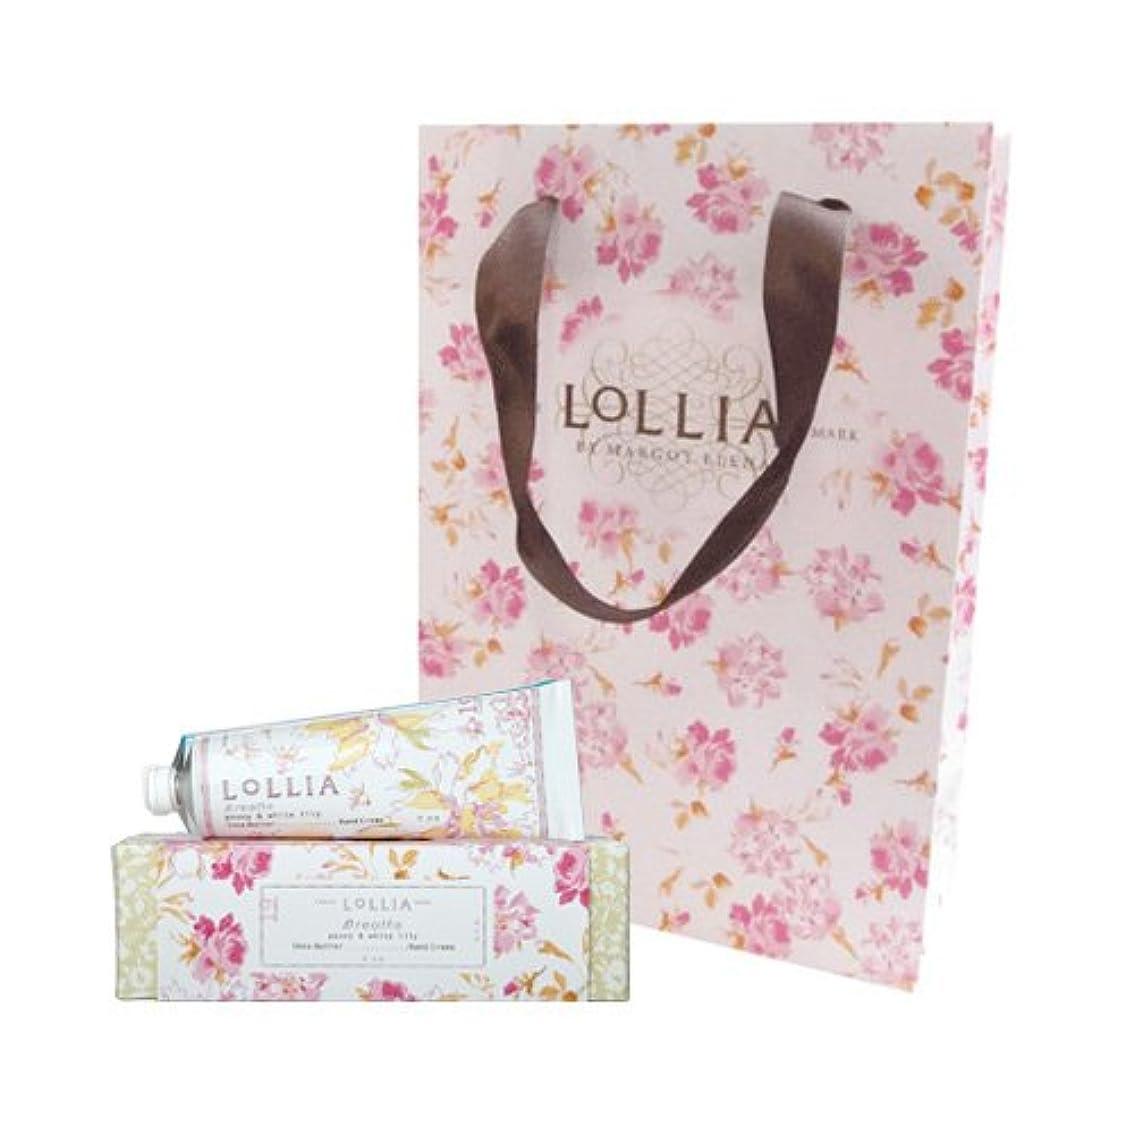 一人で容赦ない明確なロリア(LoLLIA) ハンドクリーム Breath 35g (ピオニーとホワイトリリーの甘くさわやかな香り) ショッパー付